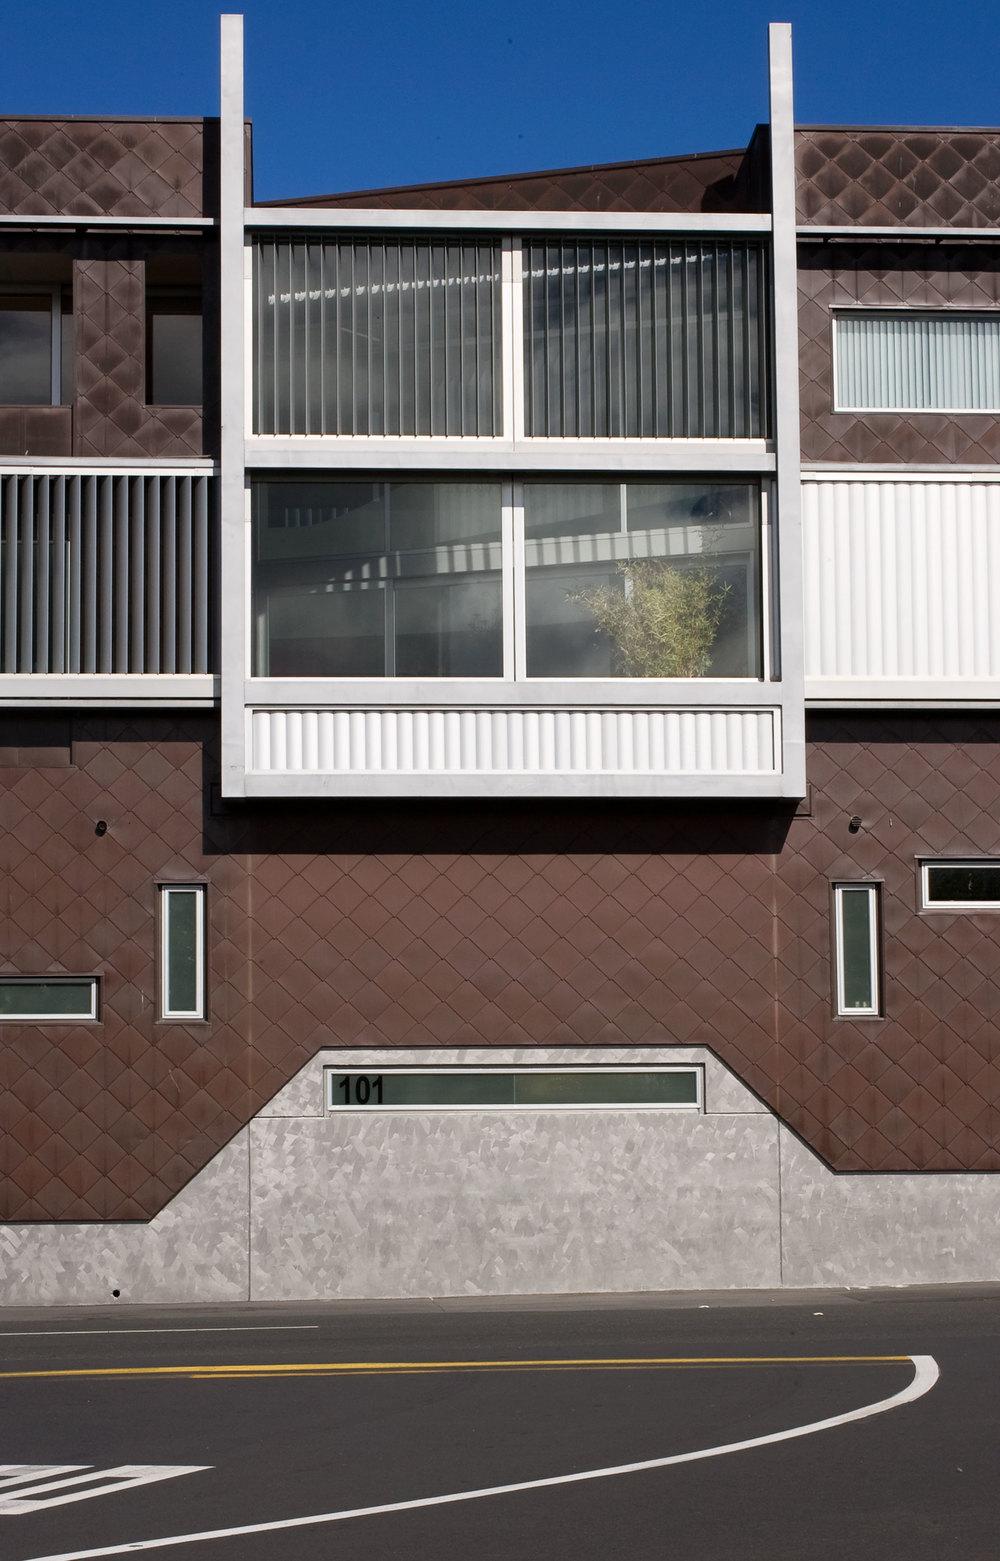 H Leuschke Kahn Architects_Hopetoun, LKA B_23__L_0137.jpg